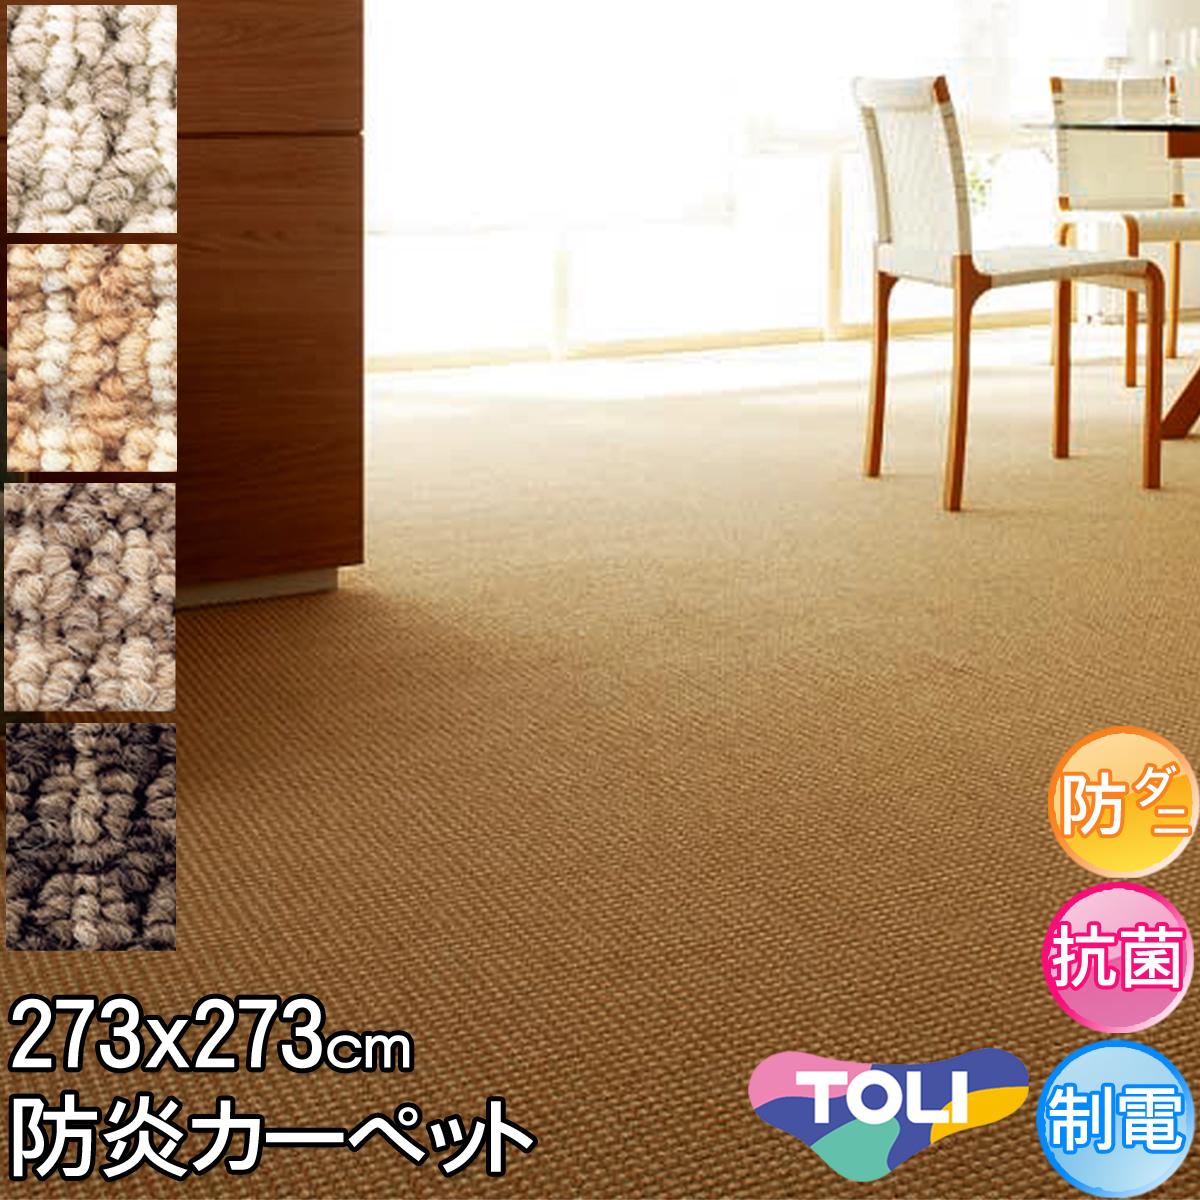 東リ カーペット 4.5畳 約273×273cm 中京間 4.5帖 デザインカーペット 防ダニ 抗菌 防炎 シンプル アースカラー ライトブラウン ベージュ ブラウン ダークブラウン春夏秋冬用 カーペット ラグ 日本製 絨毯 セグエ